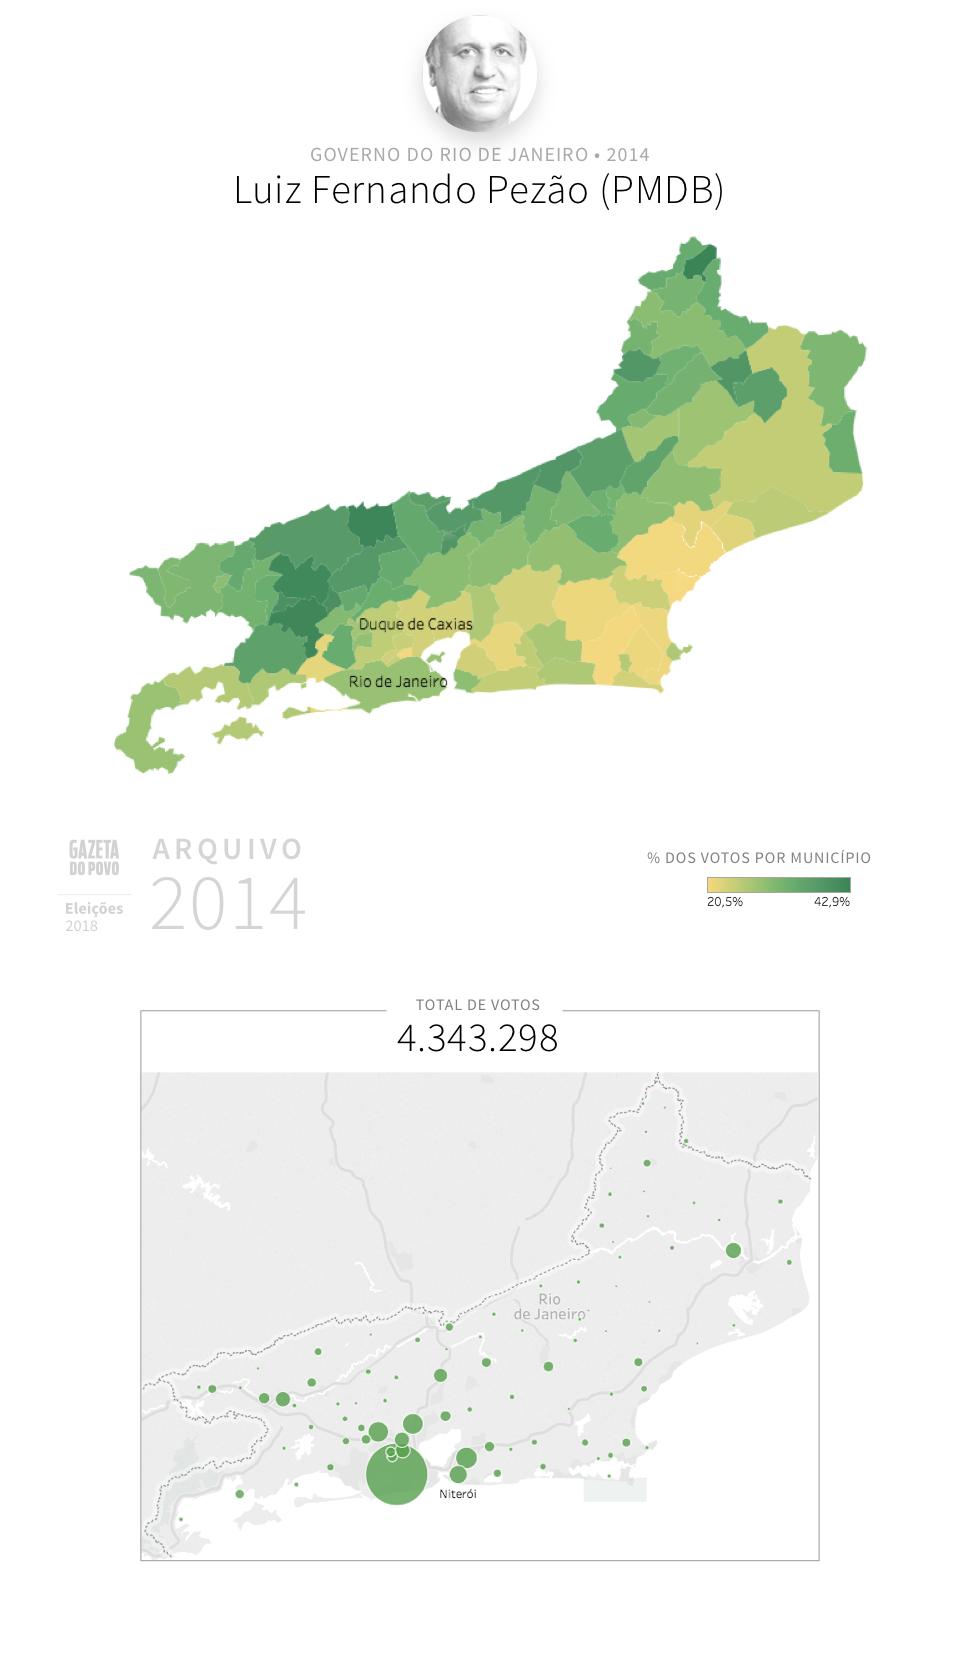 Desempenho do PMDB no Rio de Janeiro em 2014, na eleição para governador do Rio de Janeiro. Em % do total de votos em cada município.